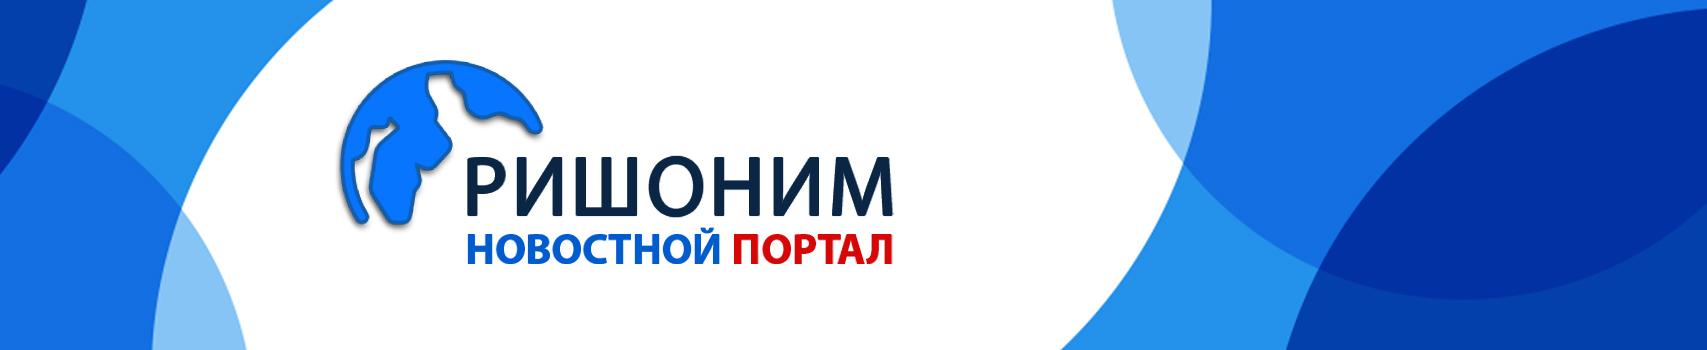 Ришоним — Новости Израиля и мира — Новостной портал rishonim.info